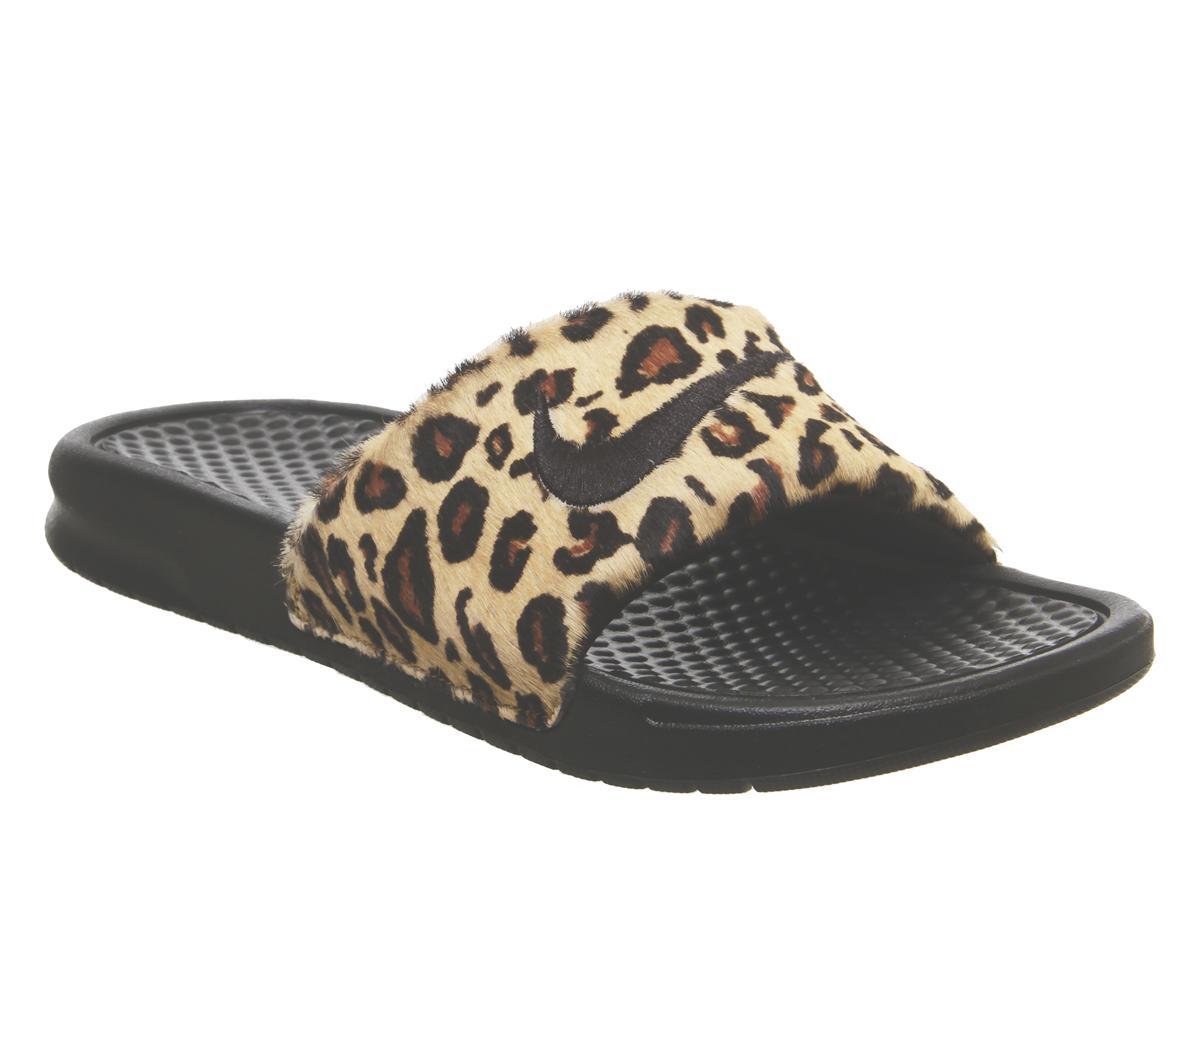 Sandalen von Nike für Frauen